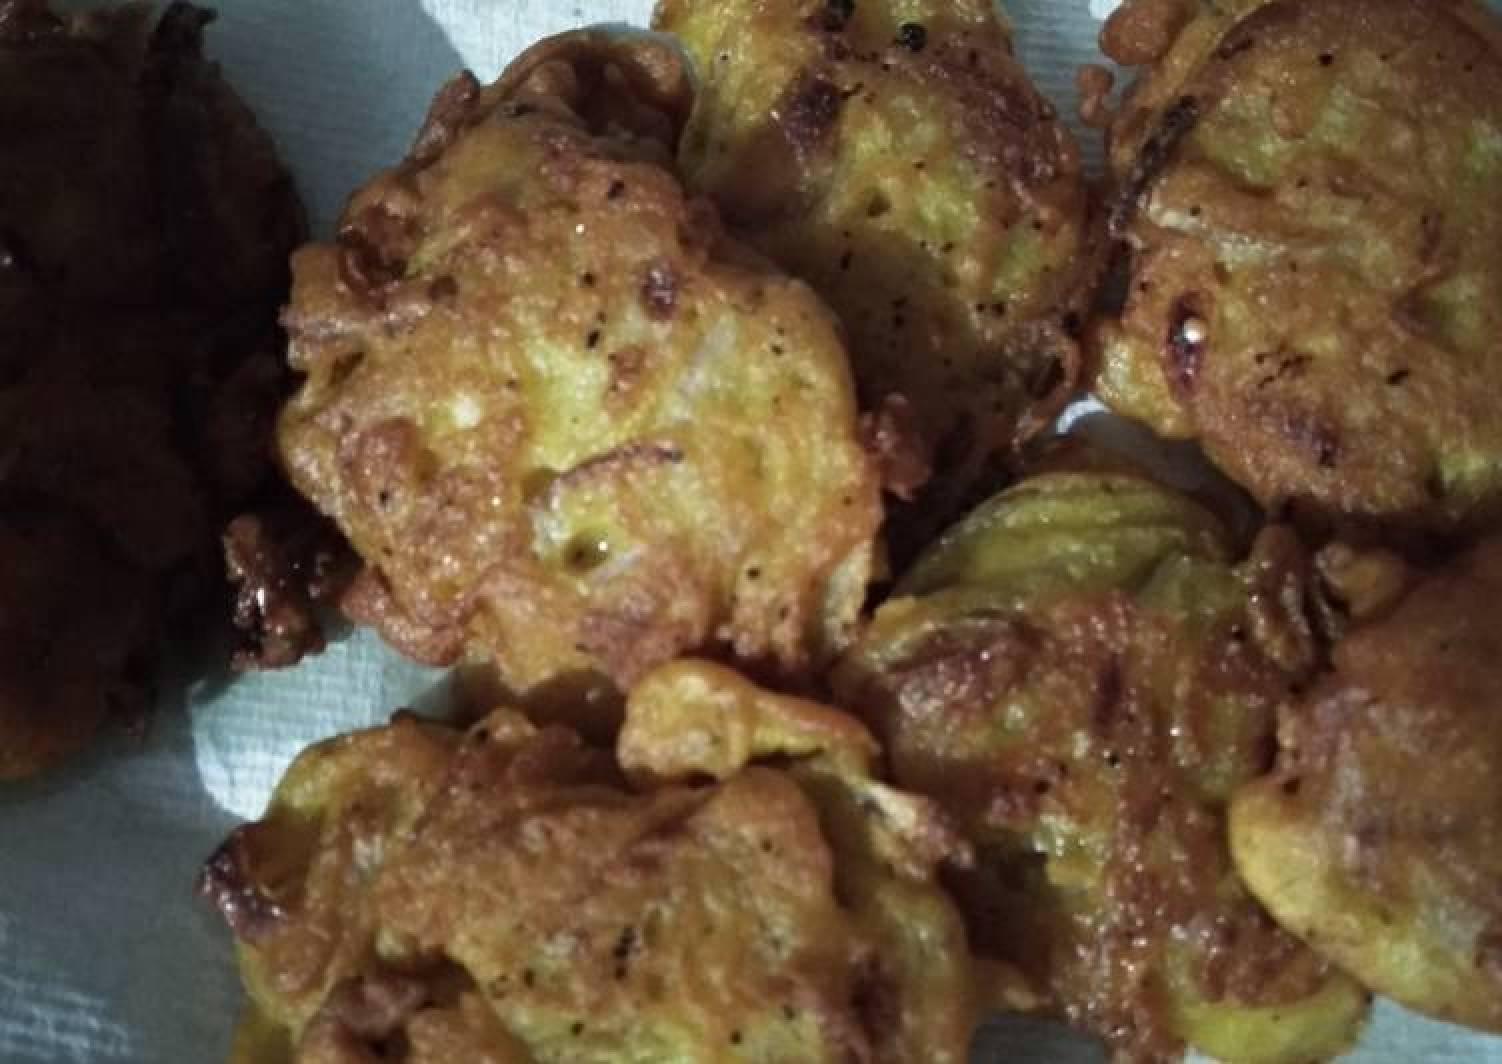 Onion dumplings